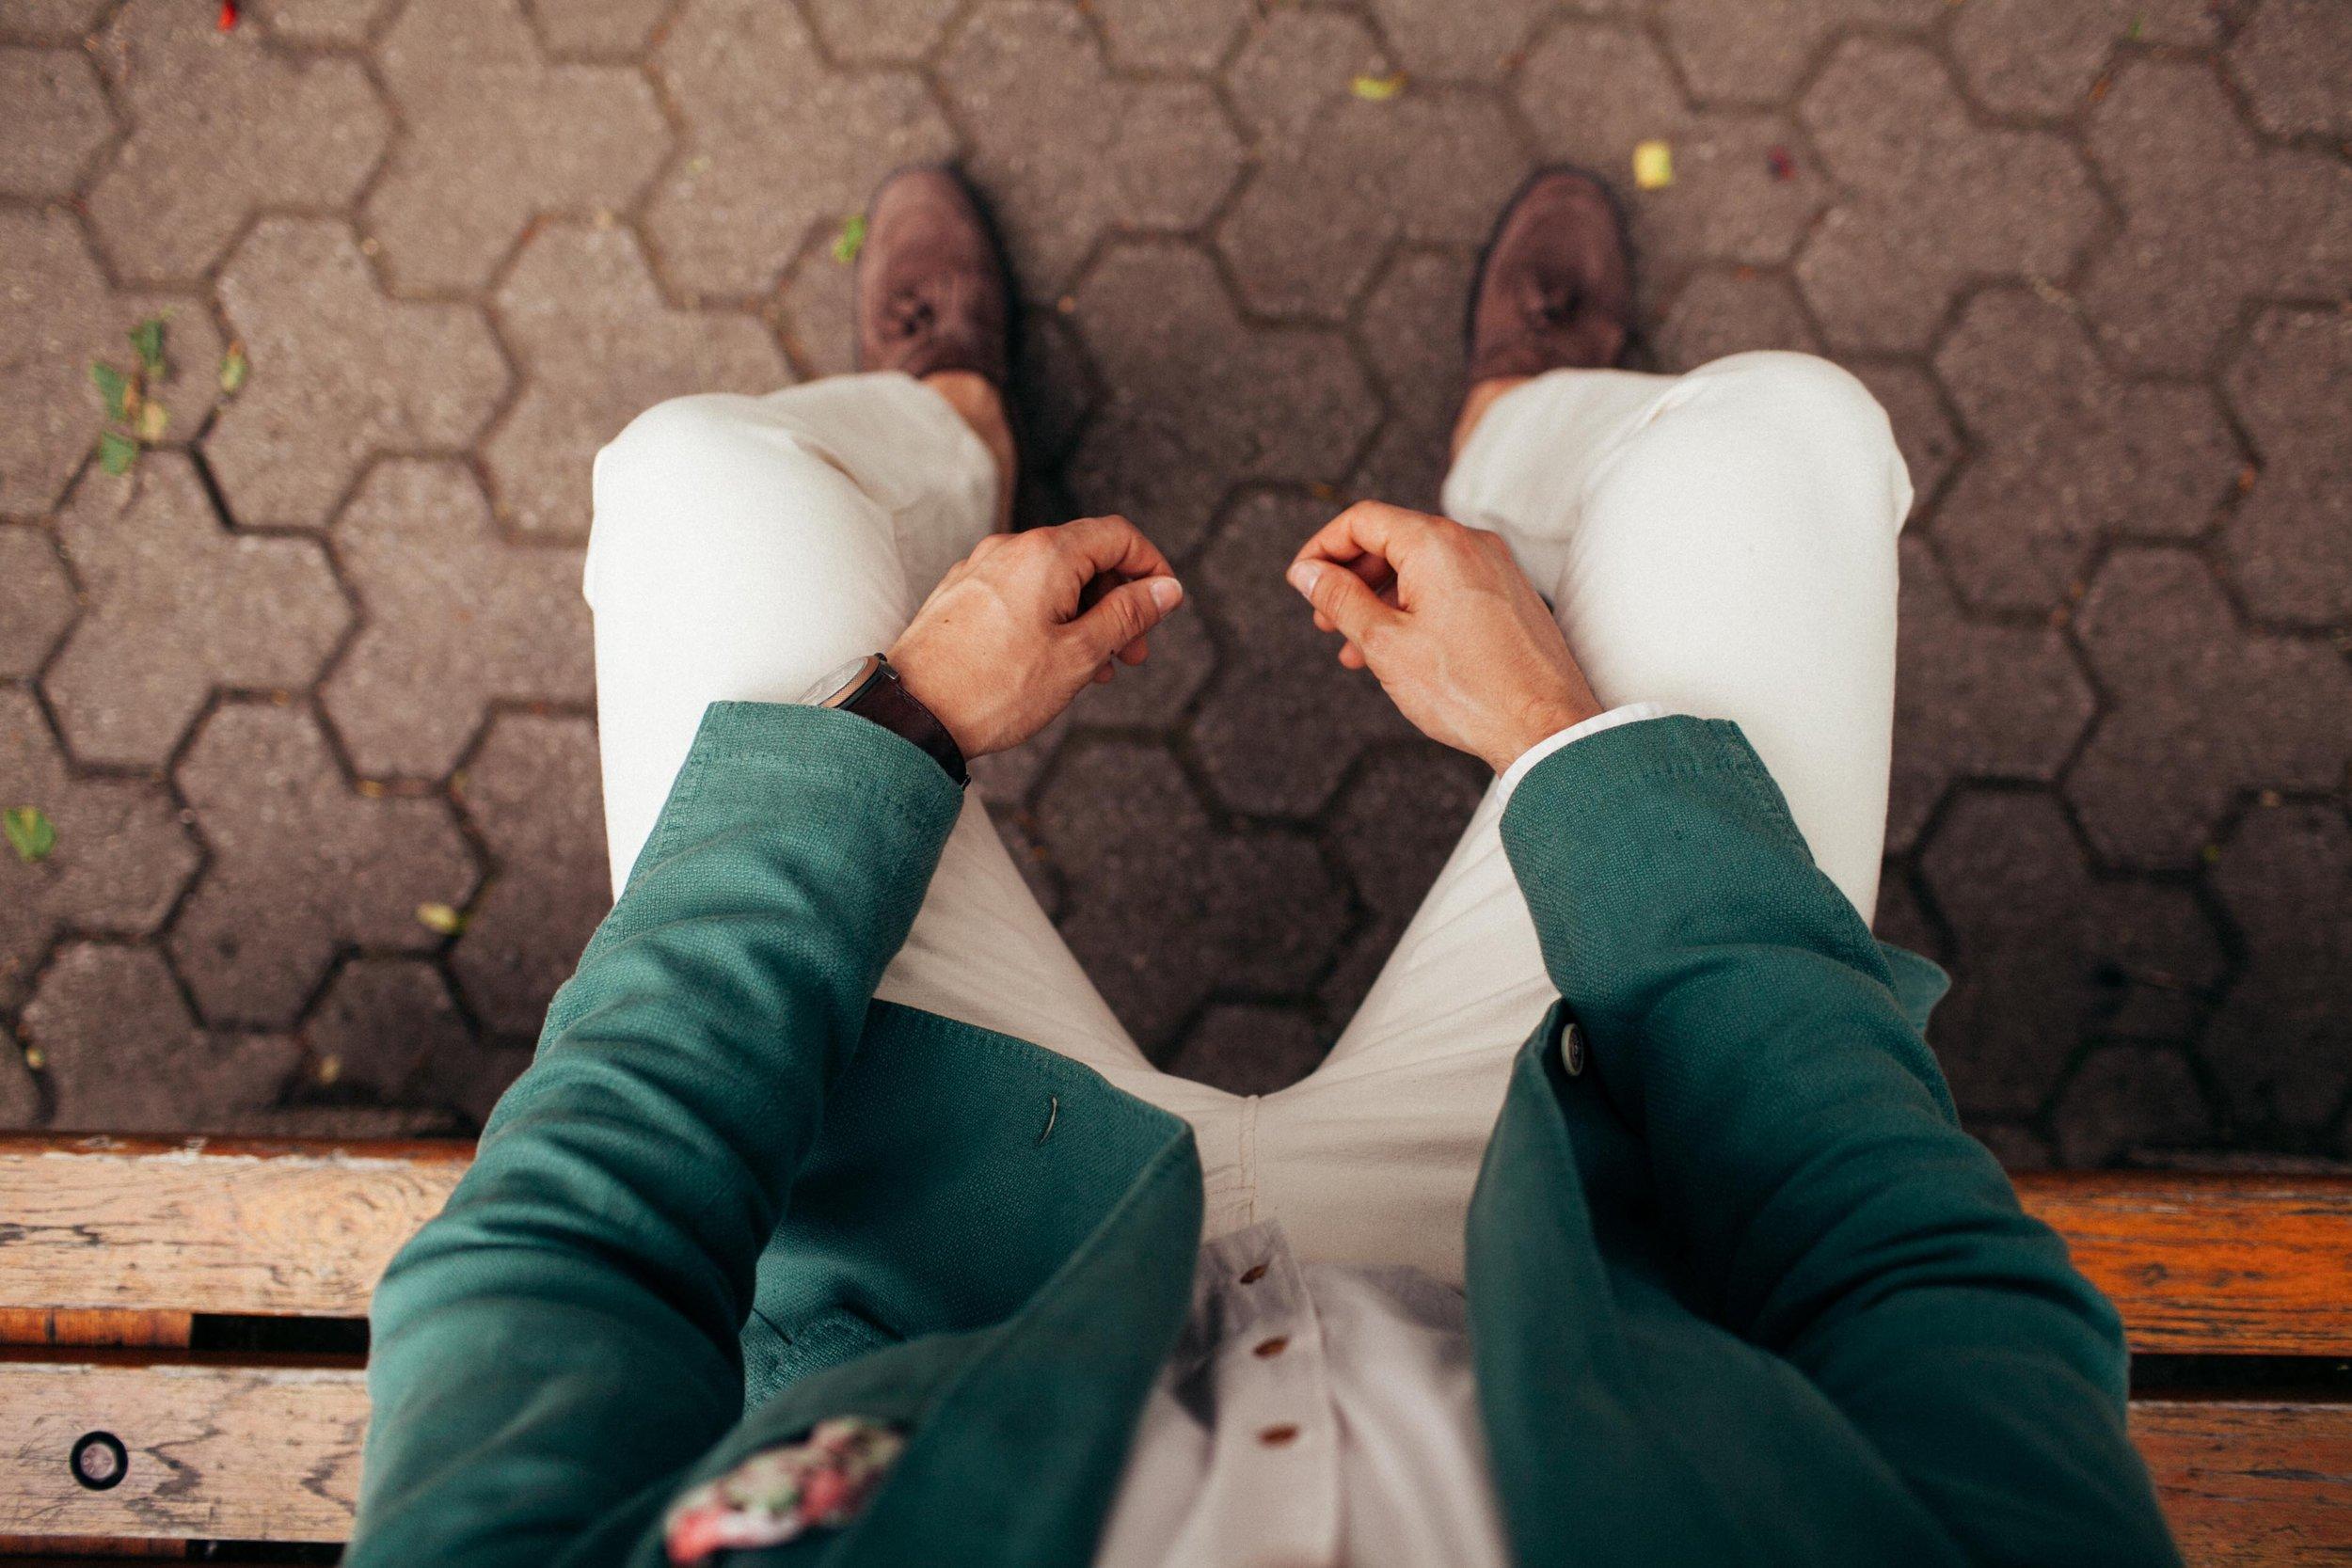 Postura sentada, pés apoiados no chão e mãos nas pernas ou no colo.